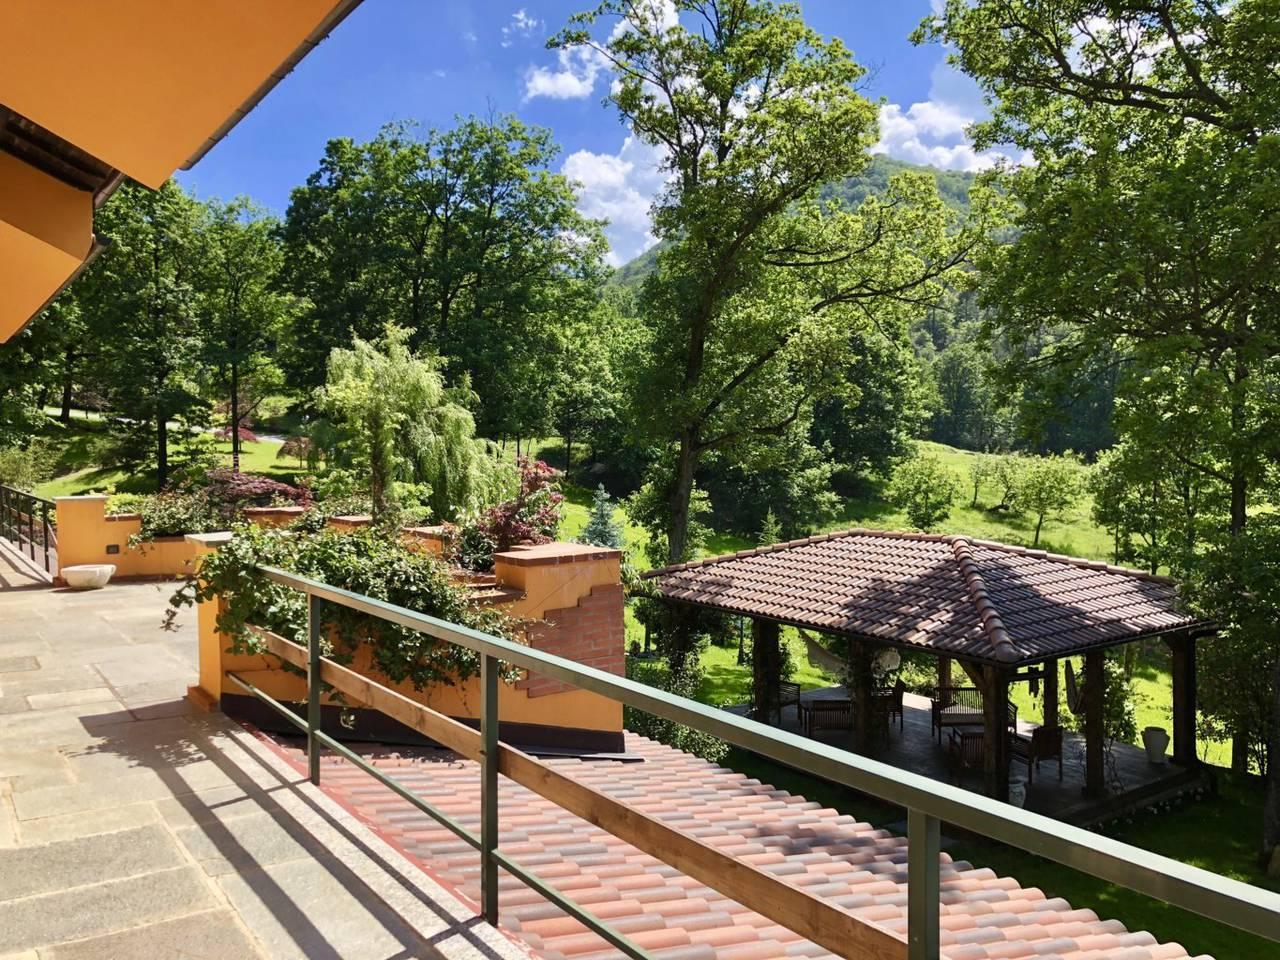 Villa-con-parco-in-vendita-a-Ovada-22